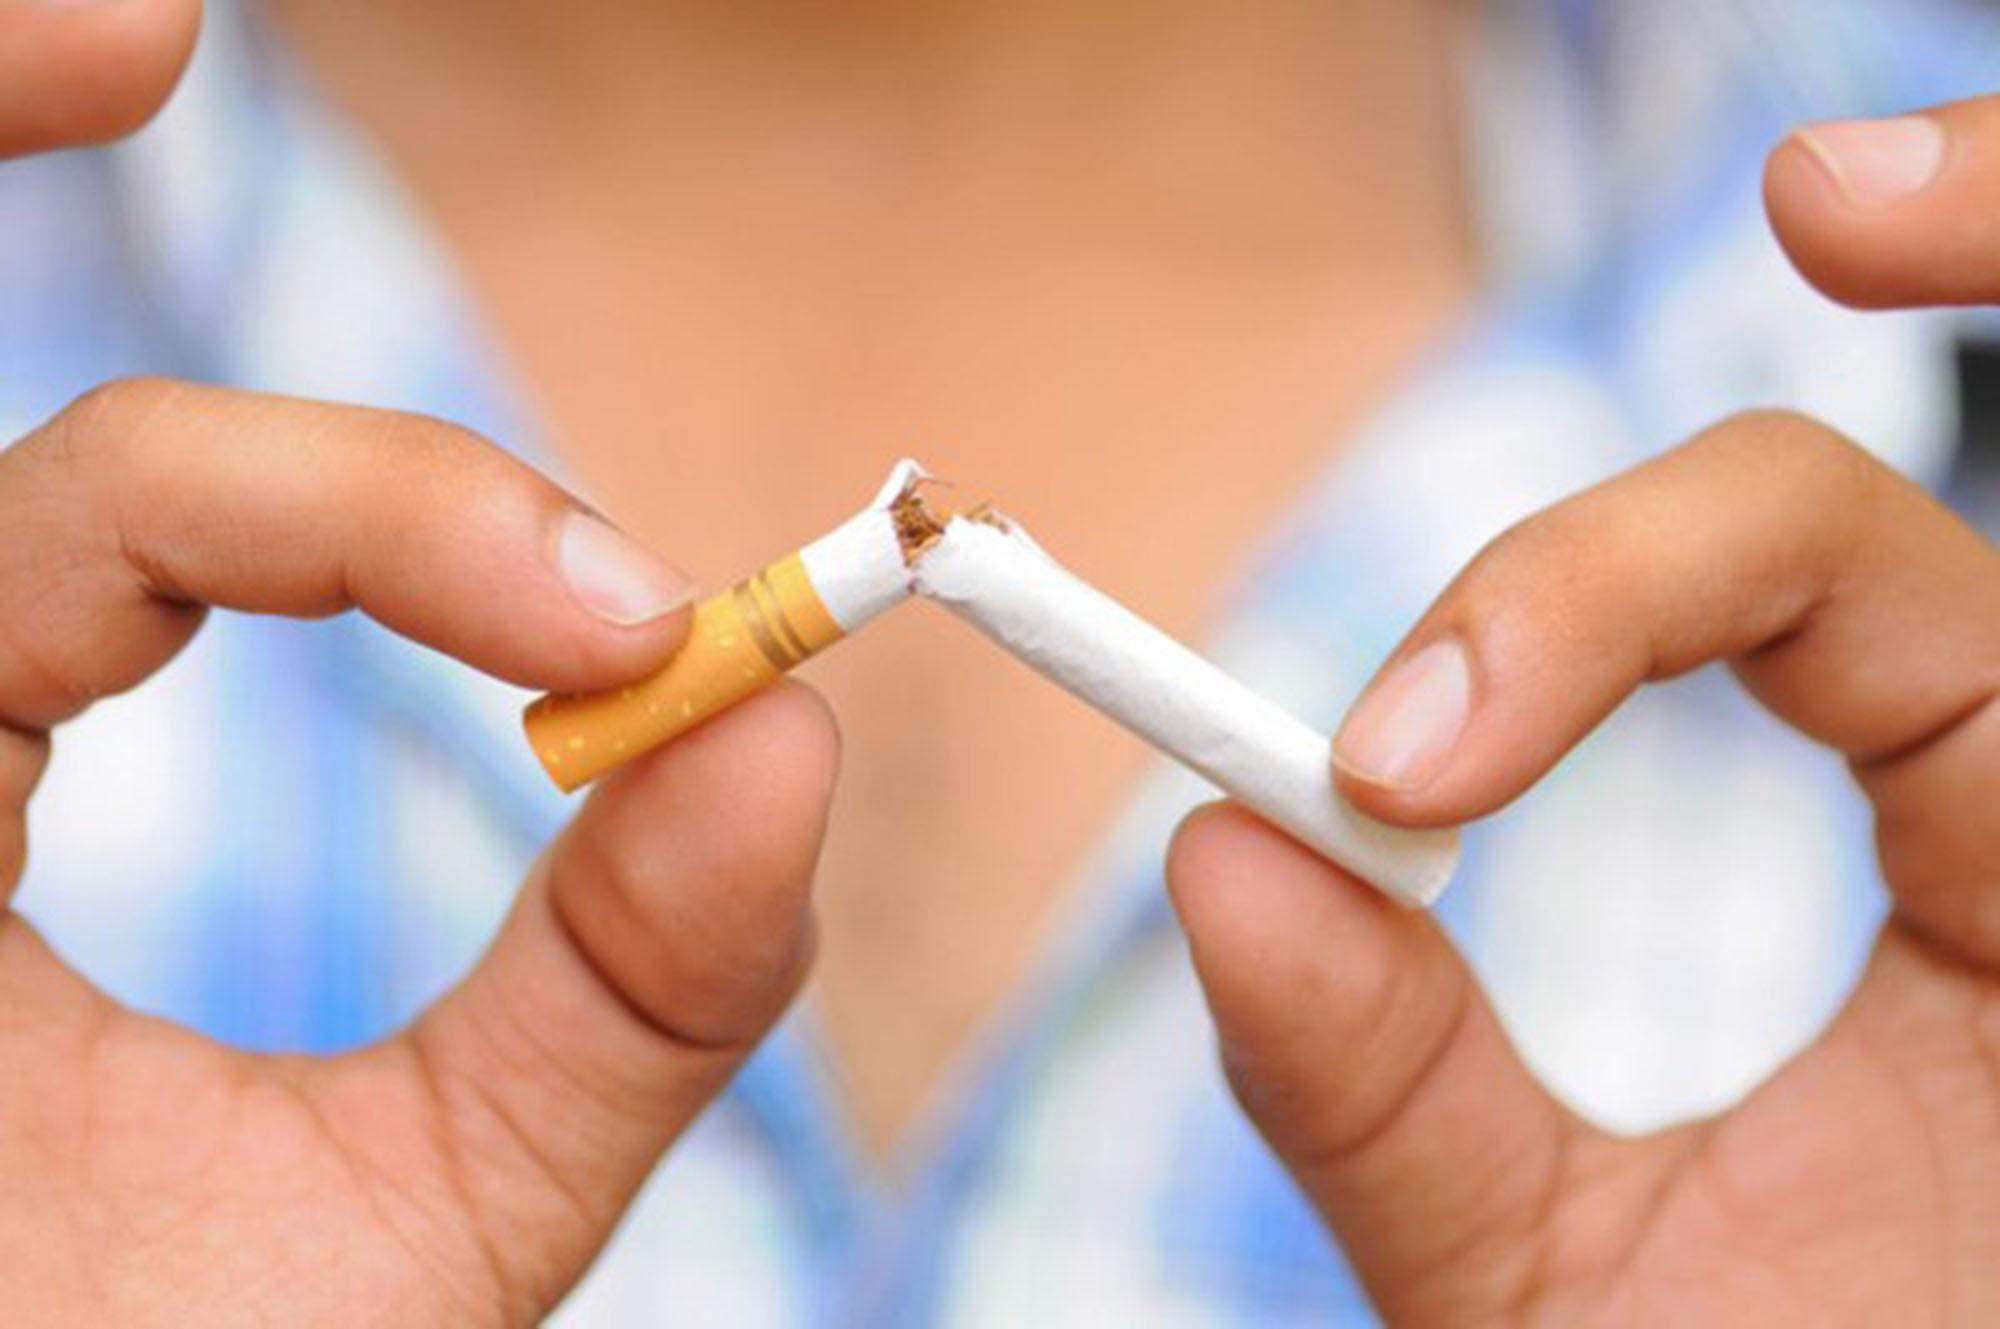 Efeito ferrugem: tabagismo promove oxidação da pele e envelhecimento acentuado